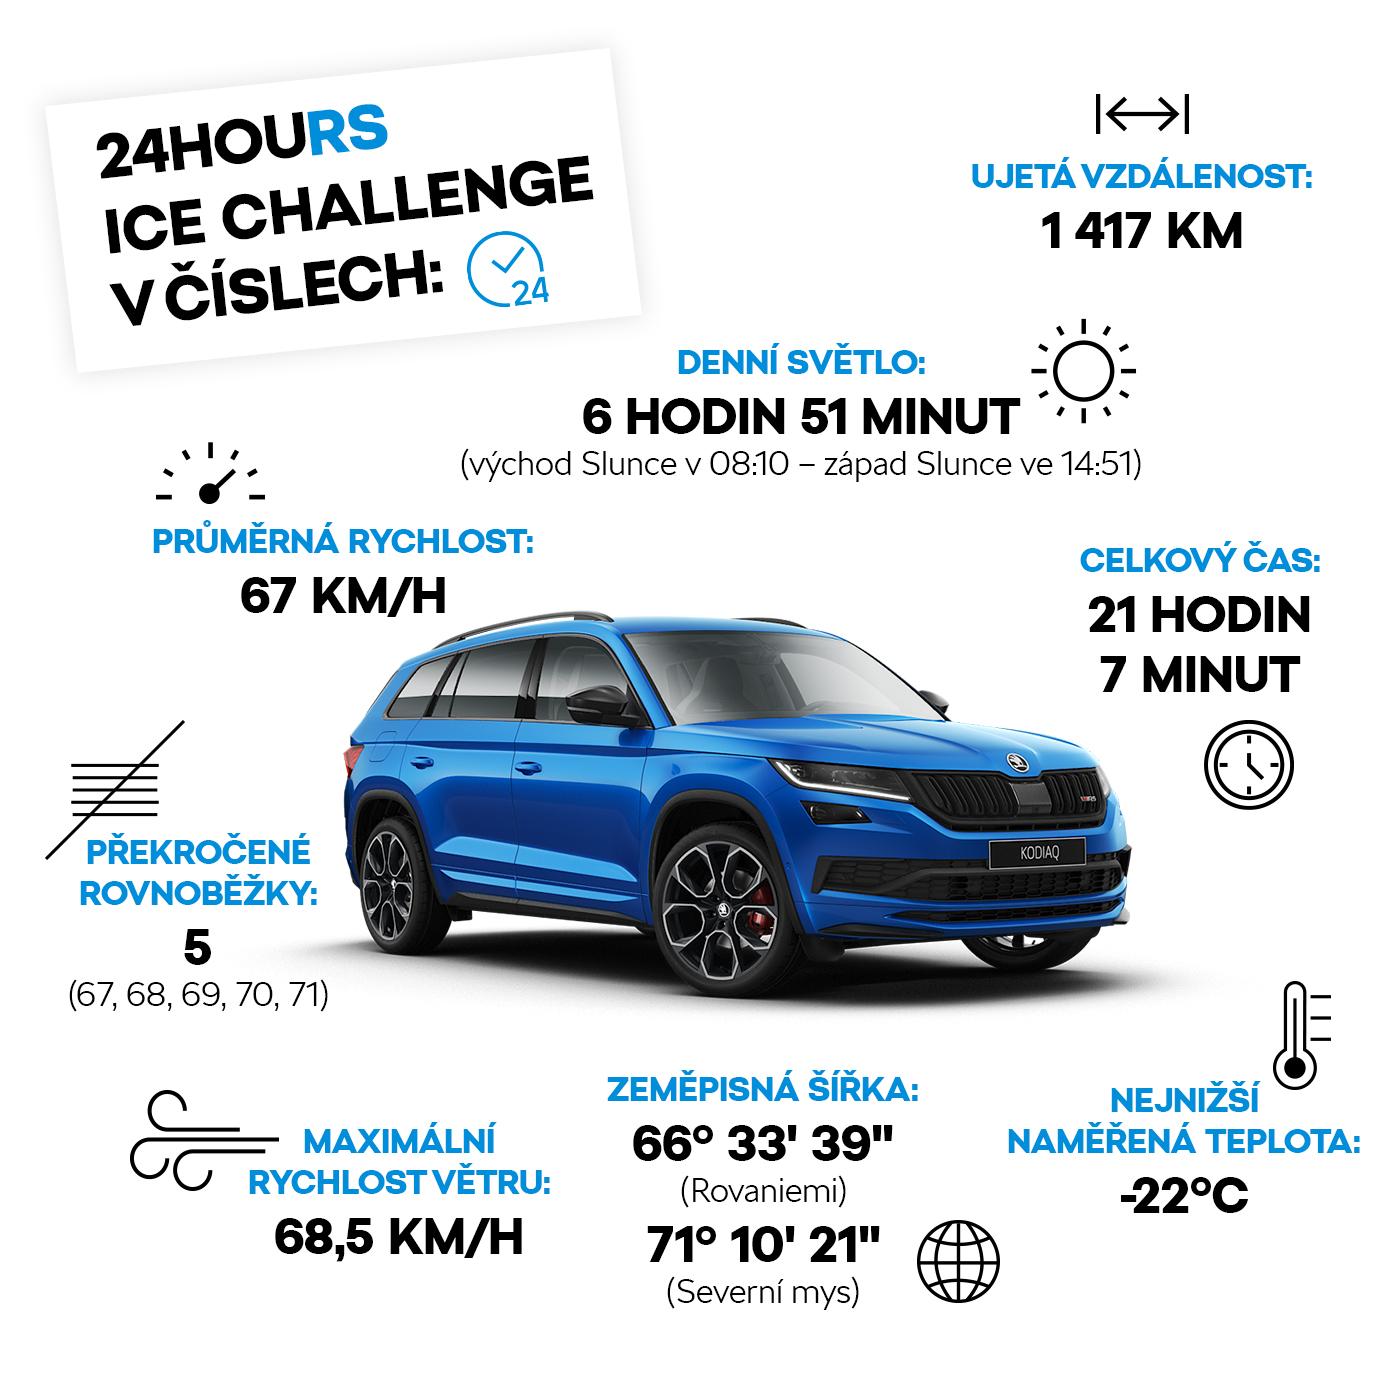 24houRS Ice Challenge v číslech